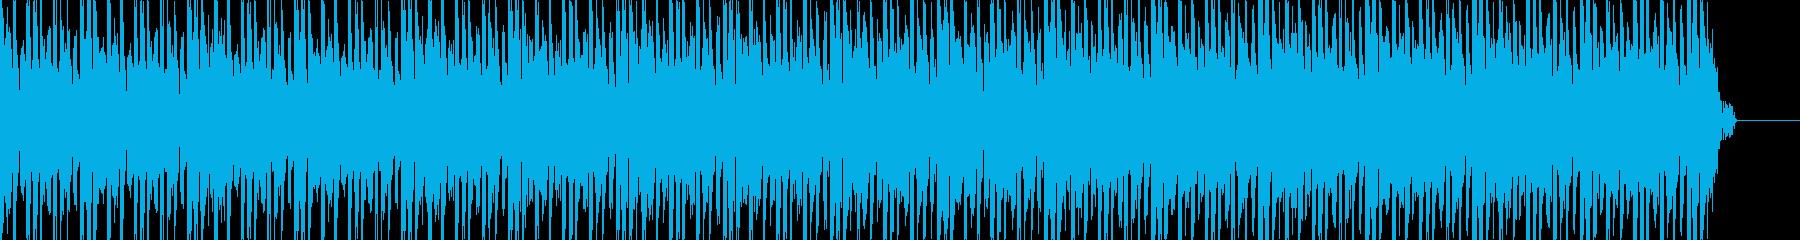 ワクワクするようなゲーム音楽風テクノの再生済みの波形